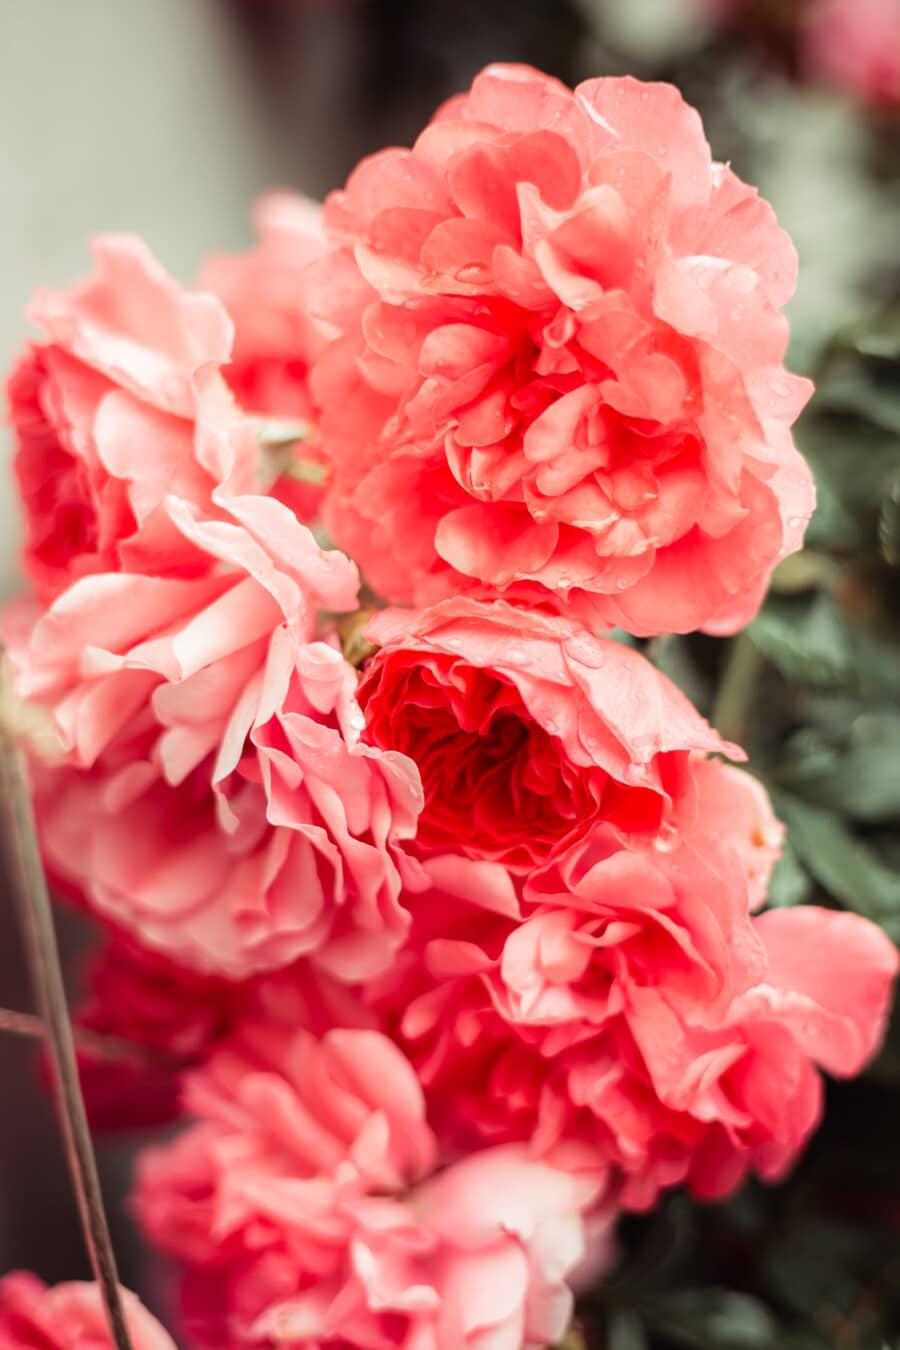 pétales, des roses, rosâtre, rosée, humidité, flore, plante, Rose, nature, fleur